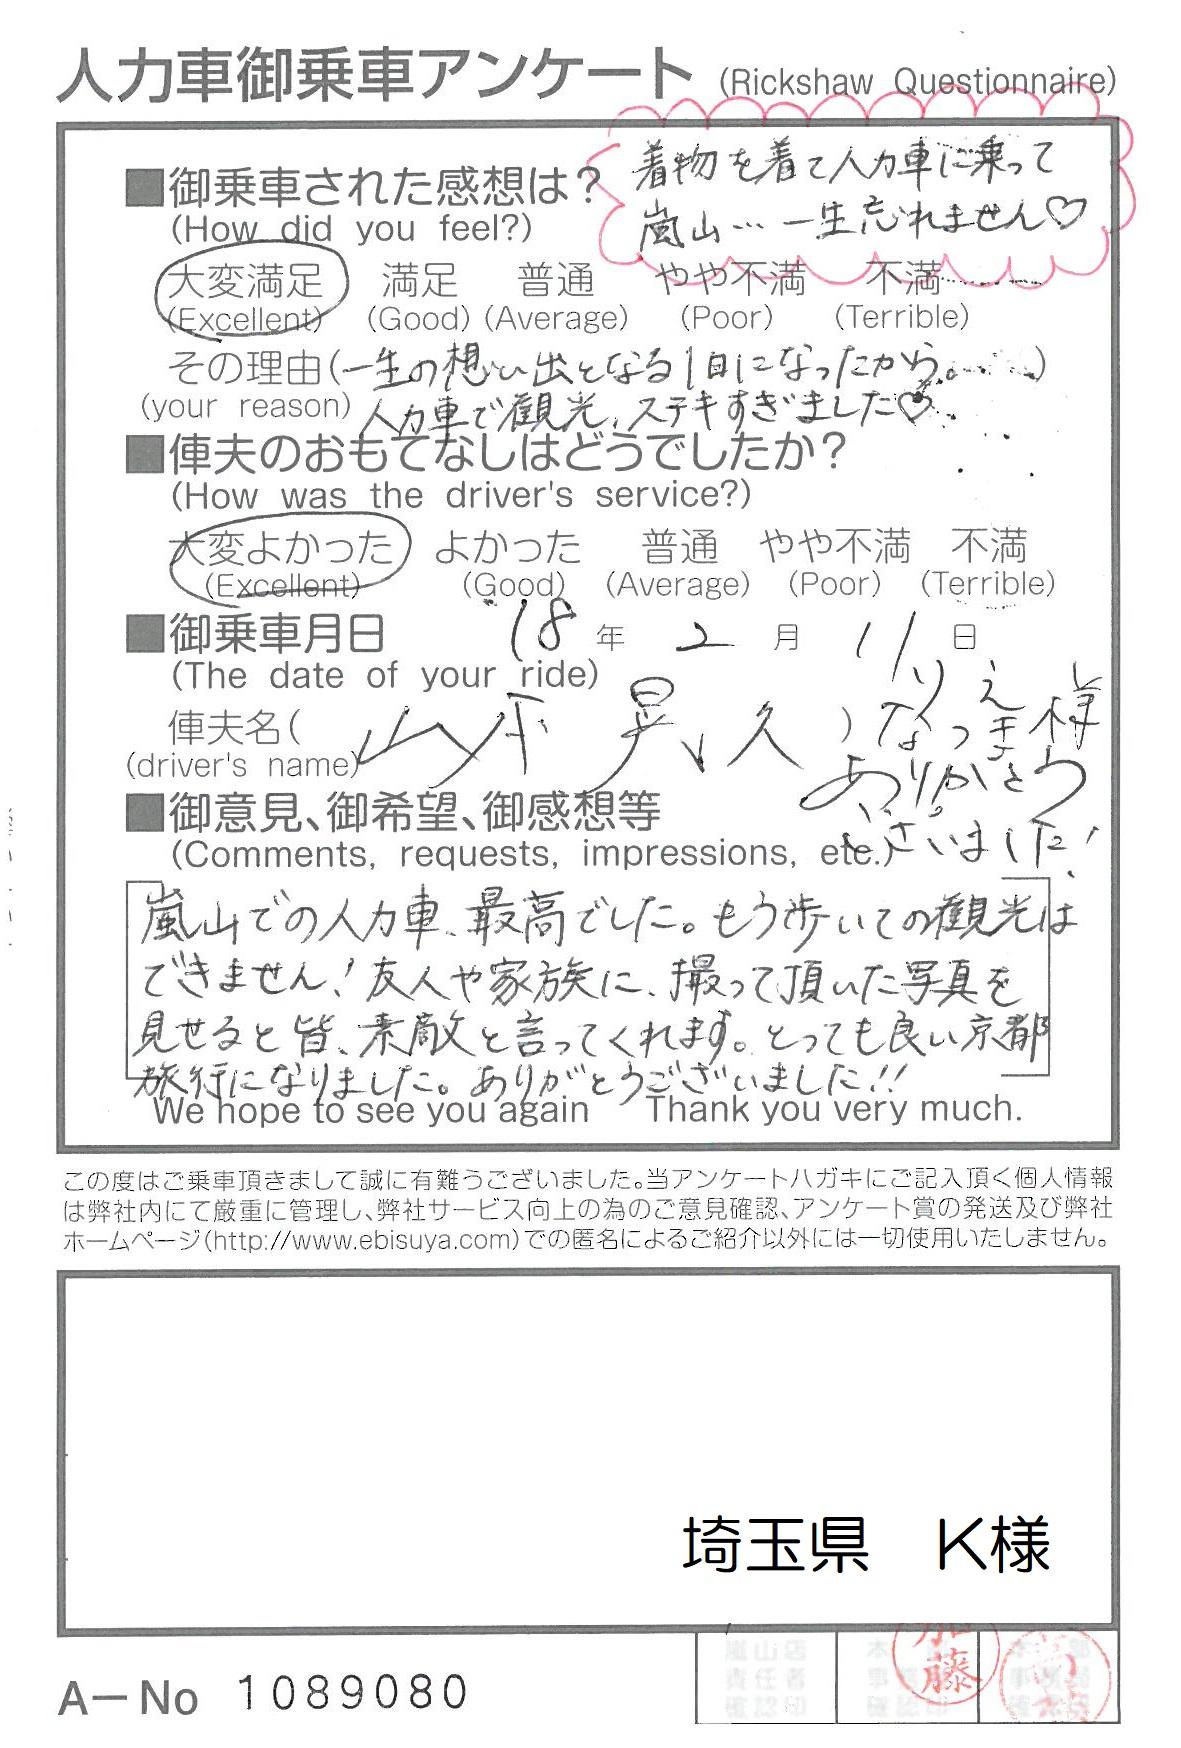 埼玉県 K様